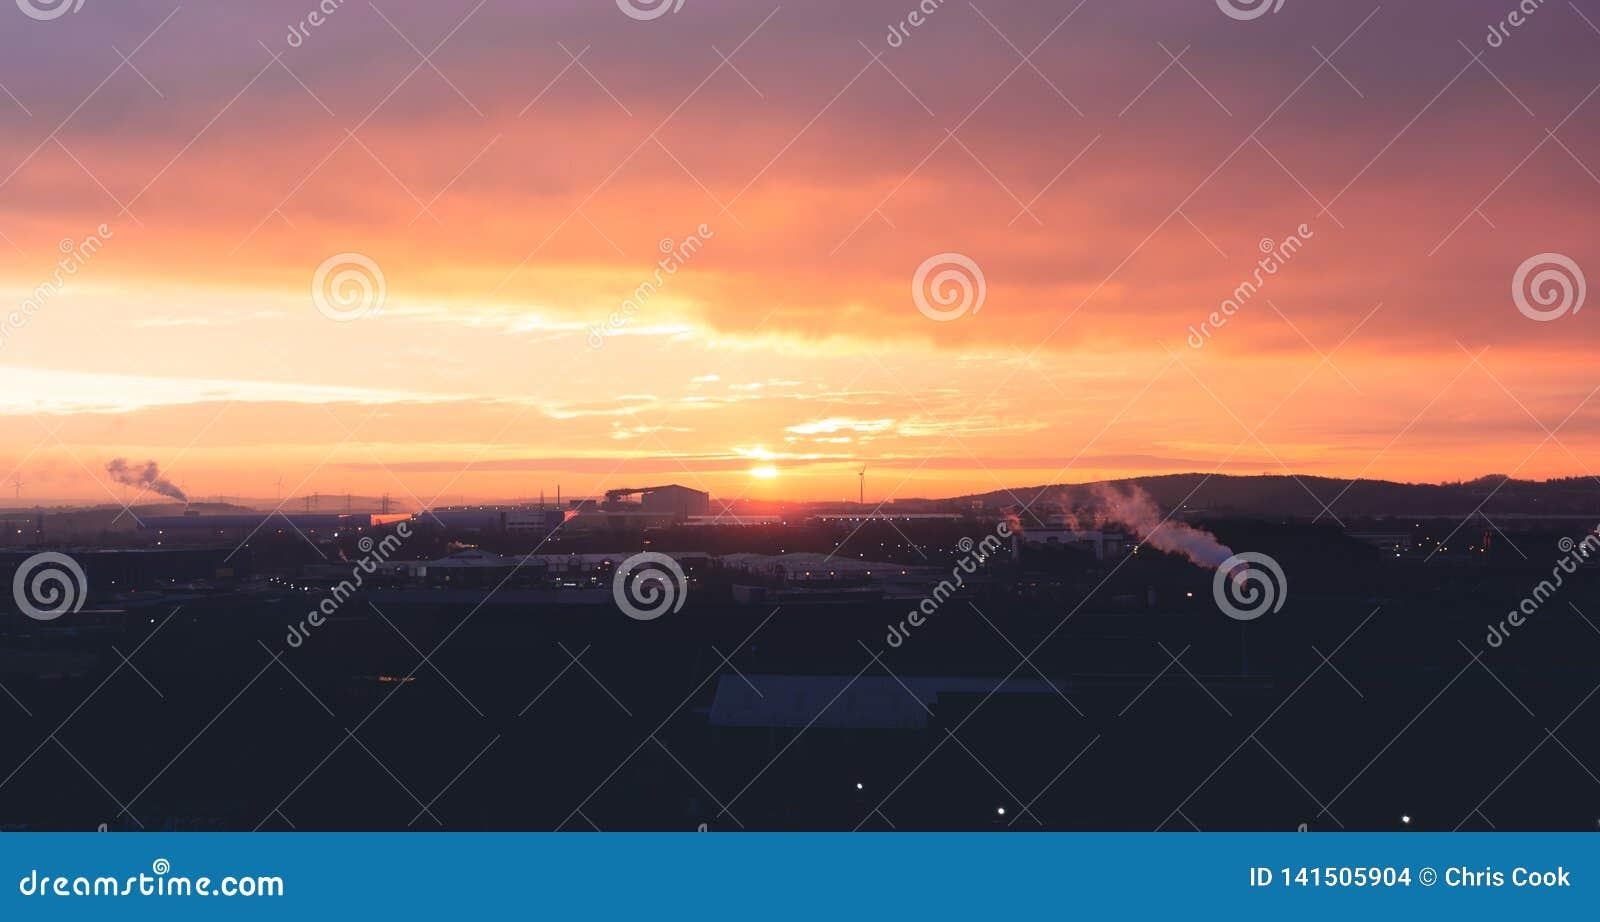 Piękny pomarańcze i purpur wschód słońca nad Sheffields parkiem przemysłowym